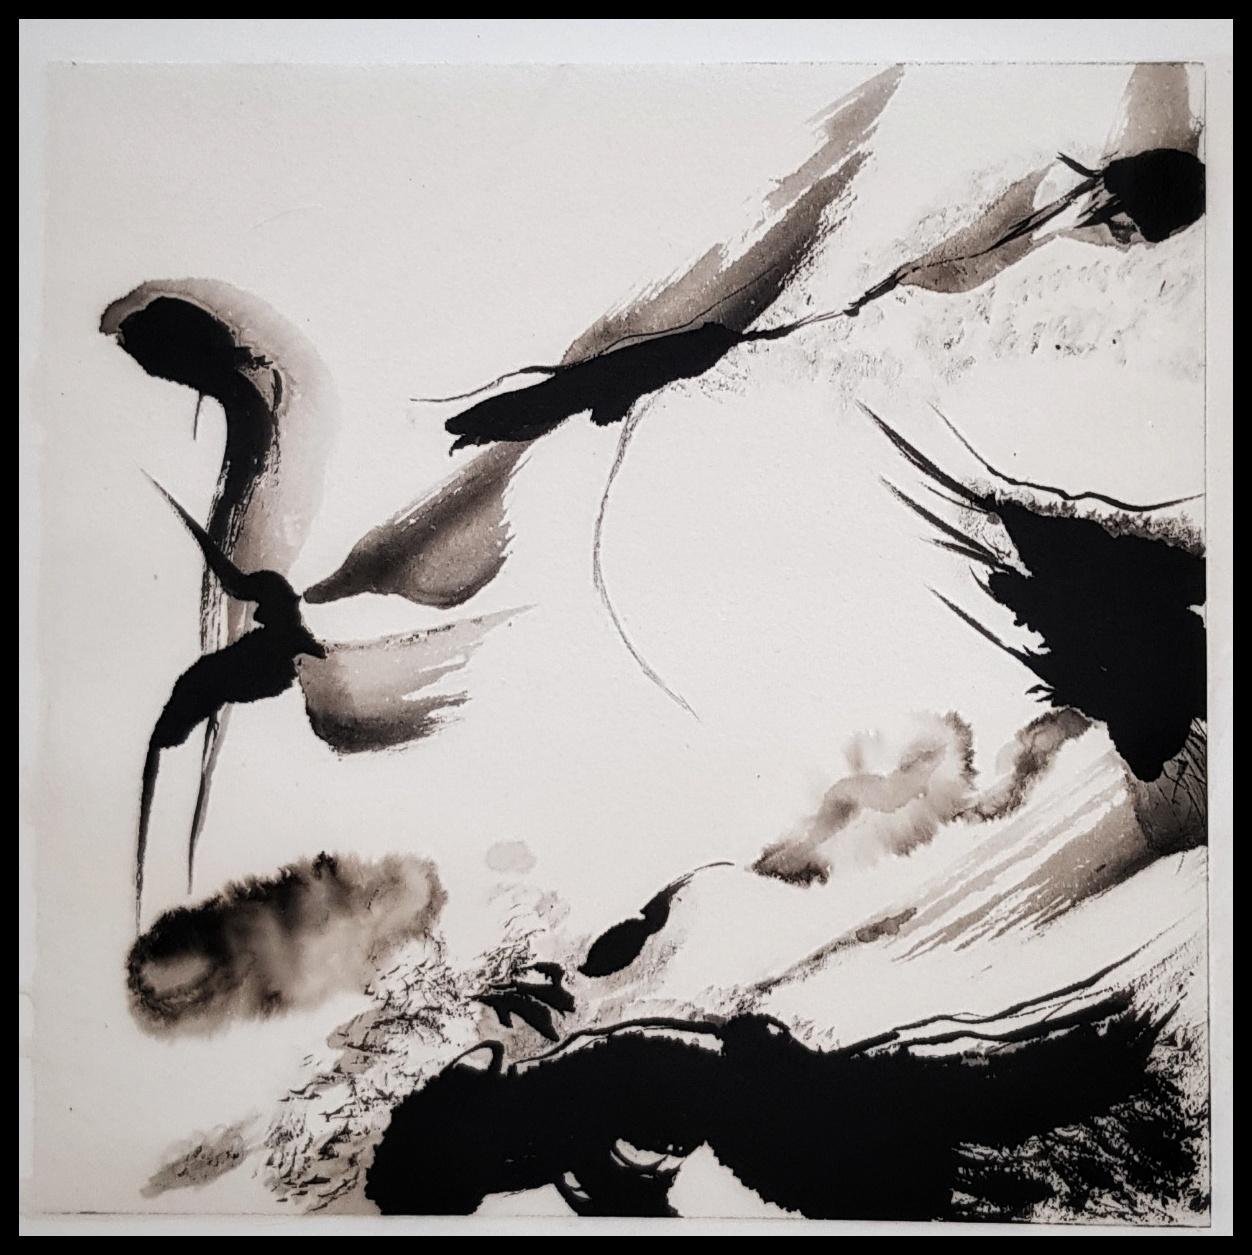 philippe lavaine artiste peintre encre chine papier fait main quimper